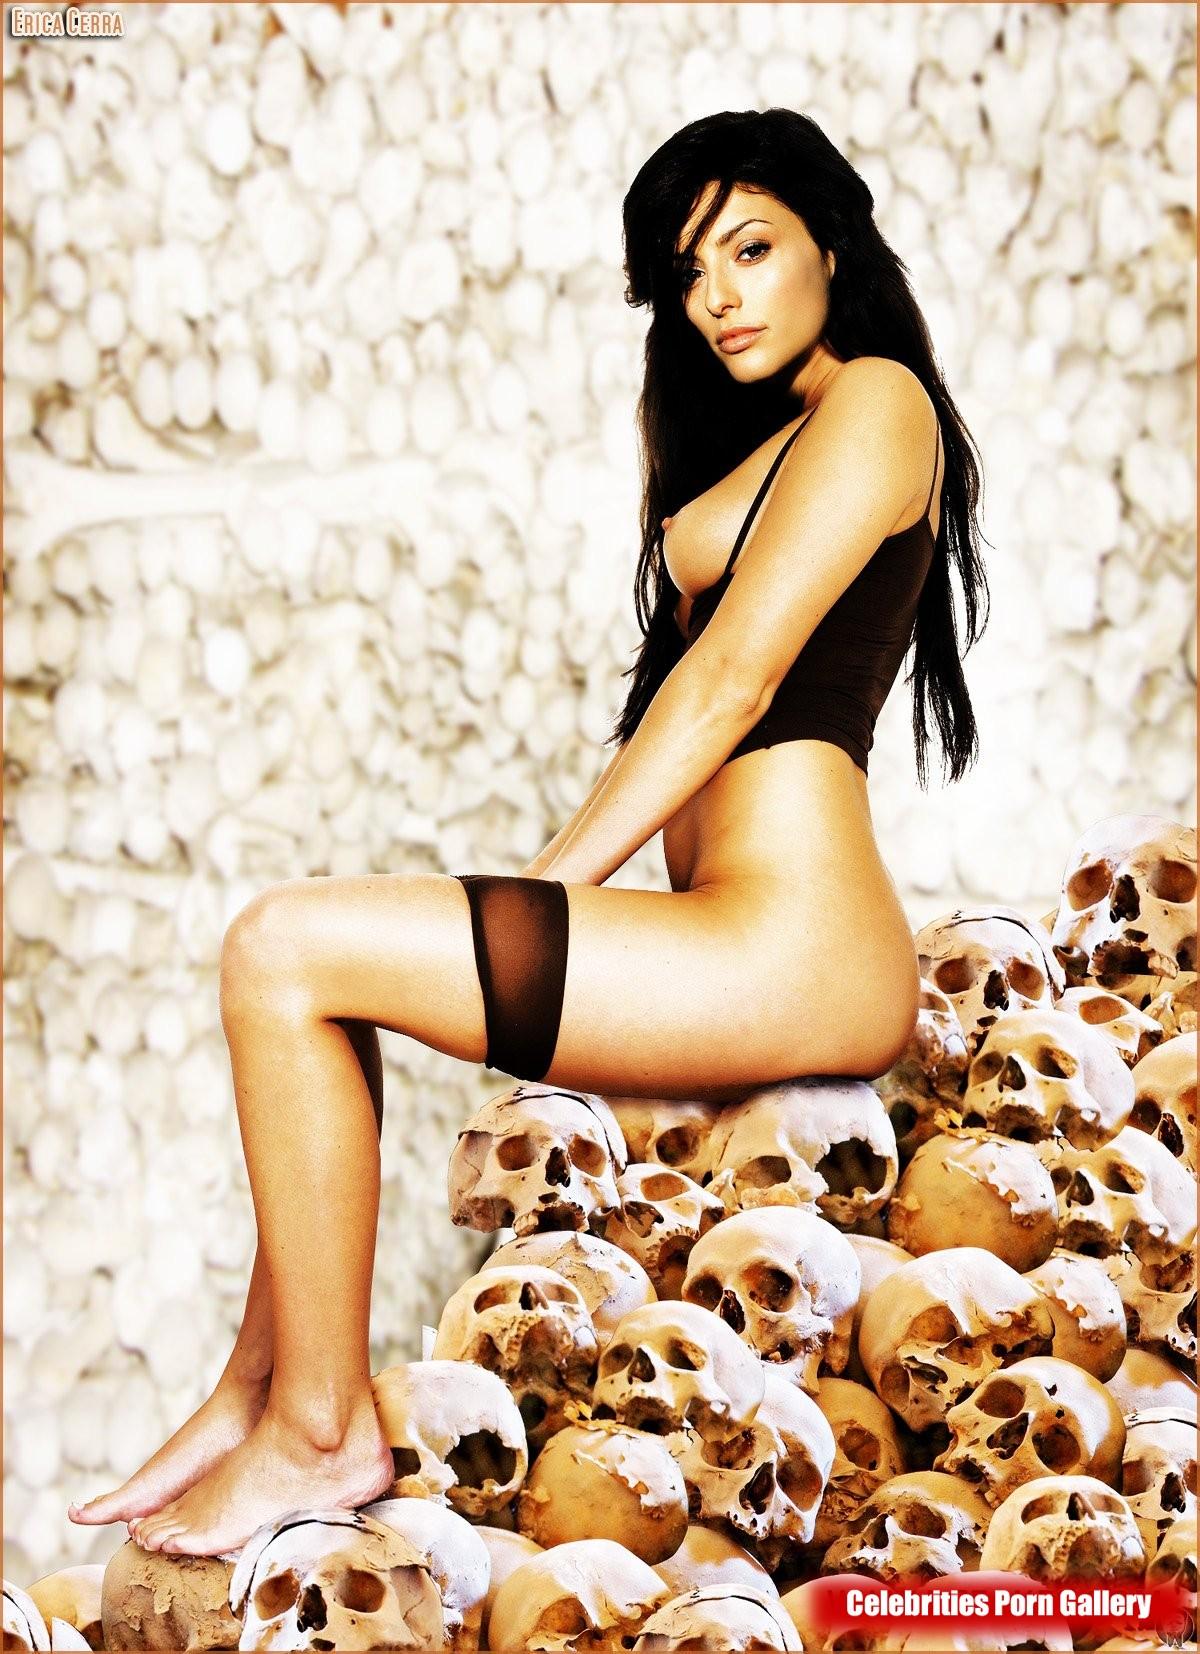 Erica cerra naked